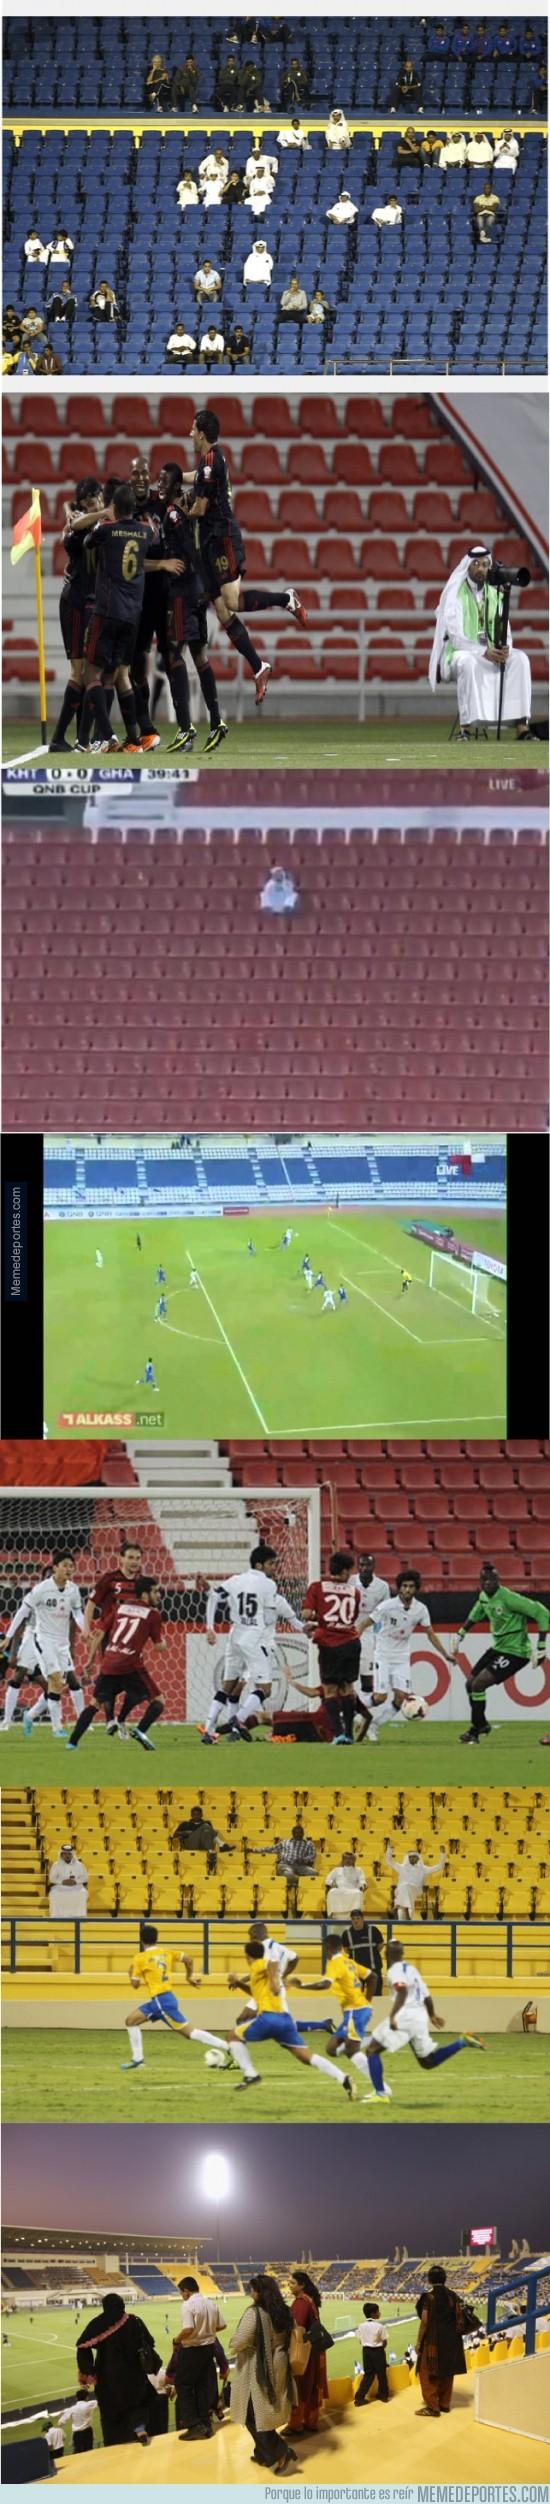 249266 - Señoras y señores, la FIFA le dio el mundial a Qatar por su gran cultura futbolística